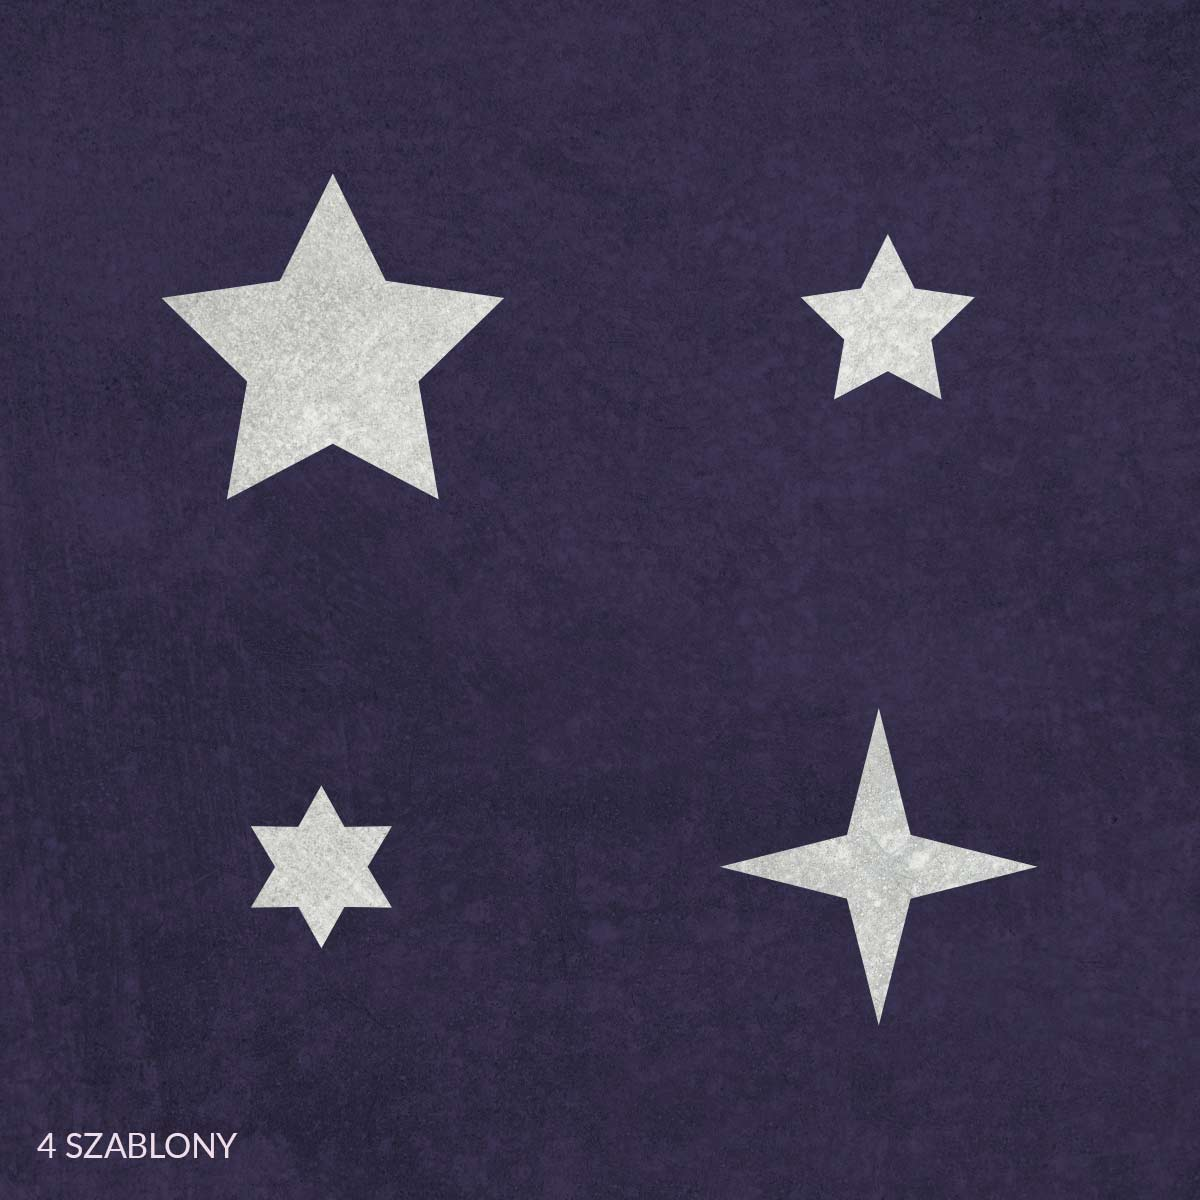 Gwiazdki - świąteczny szablon malarskie wielokrotnego użytku, wizualizacja na ciemnym tle